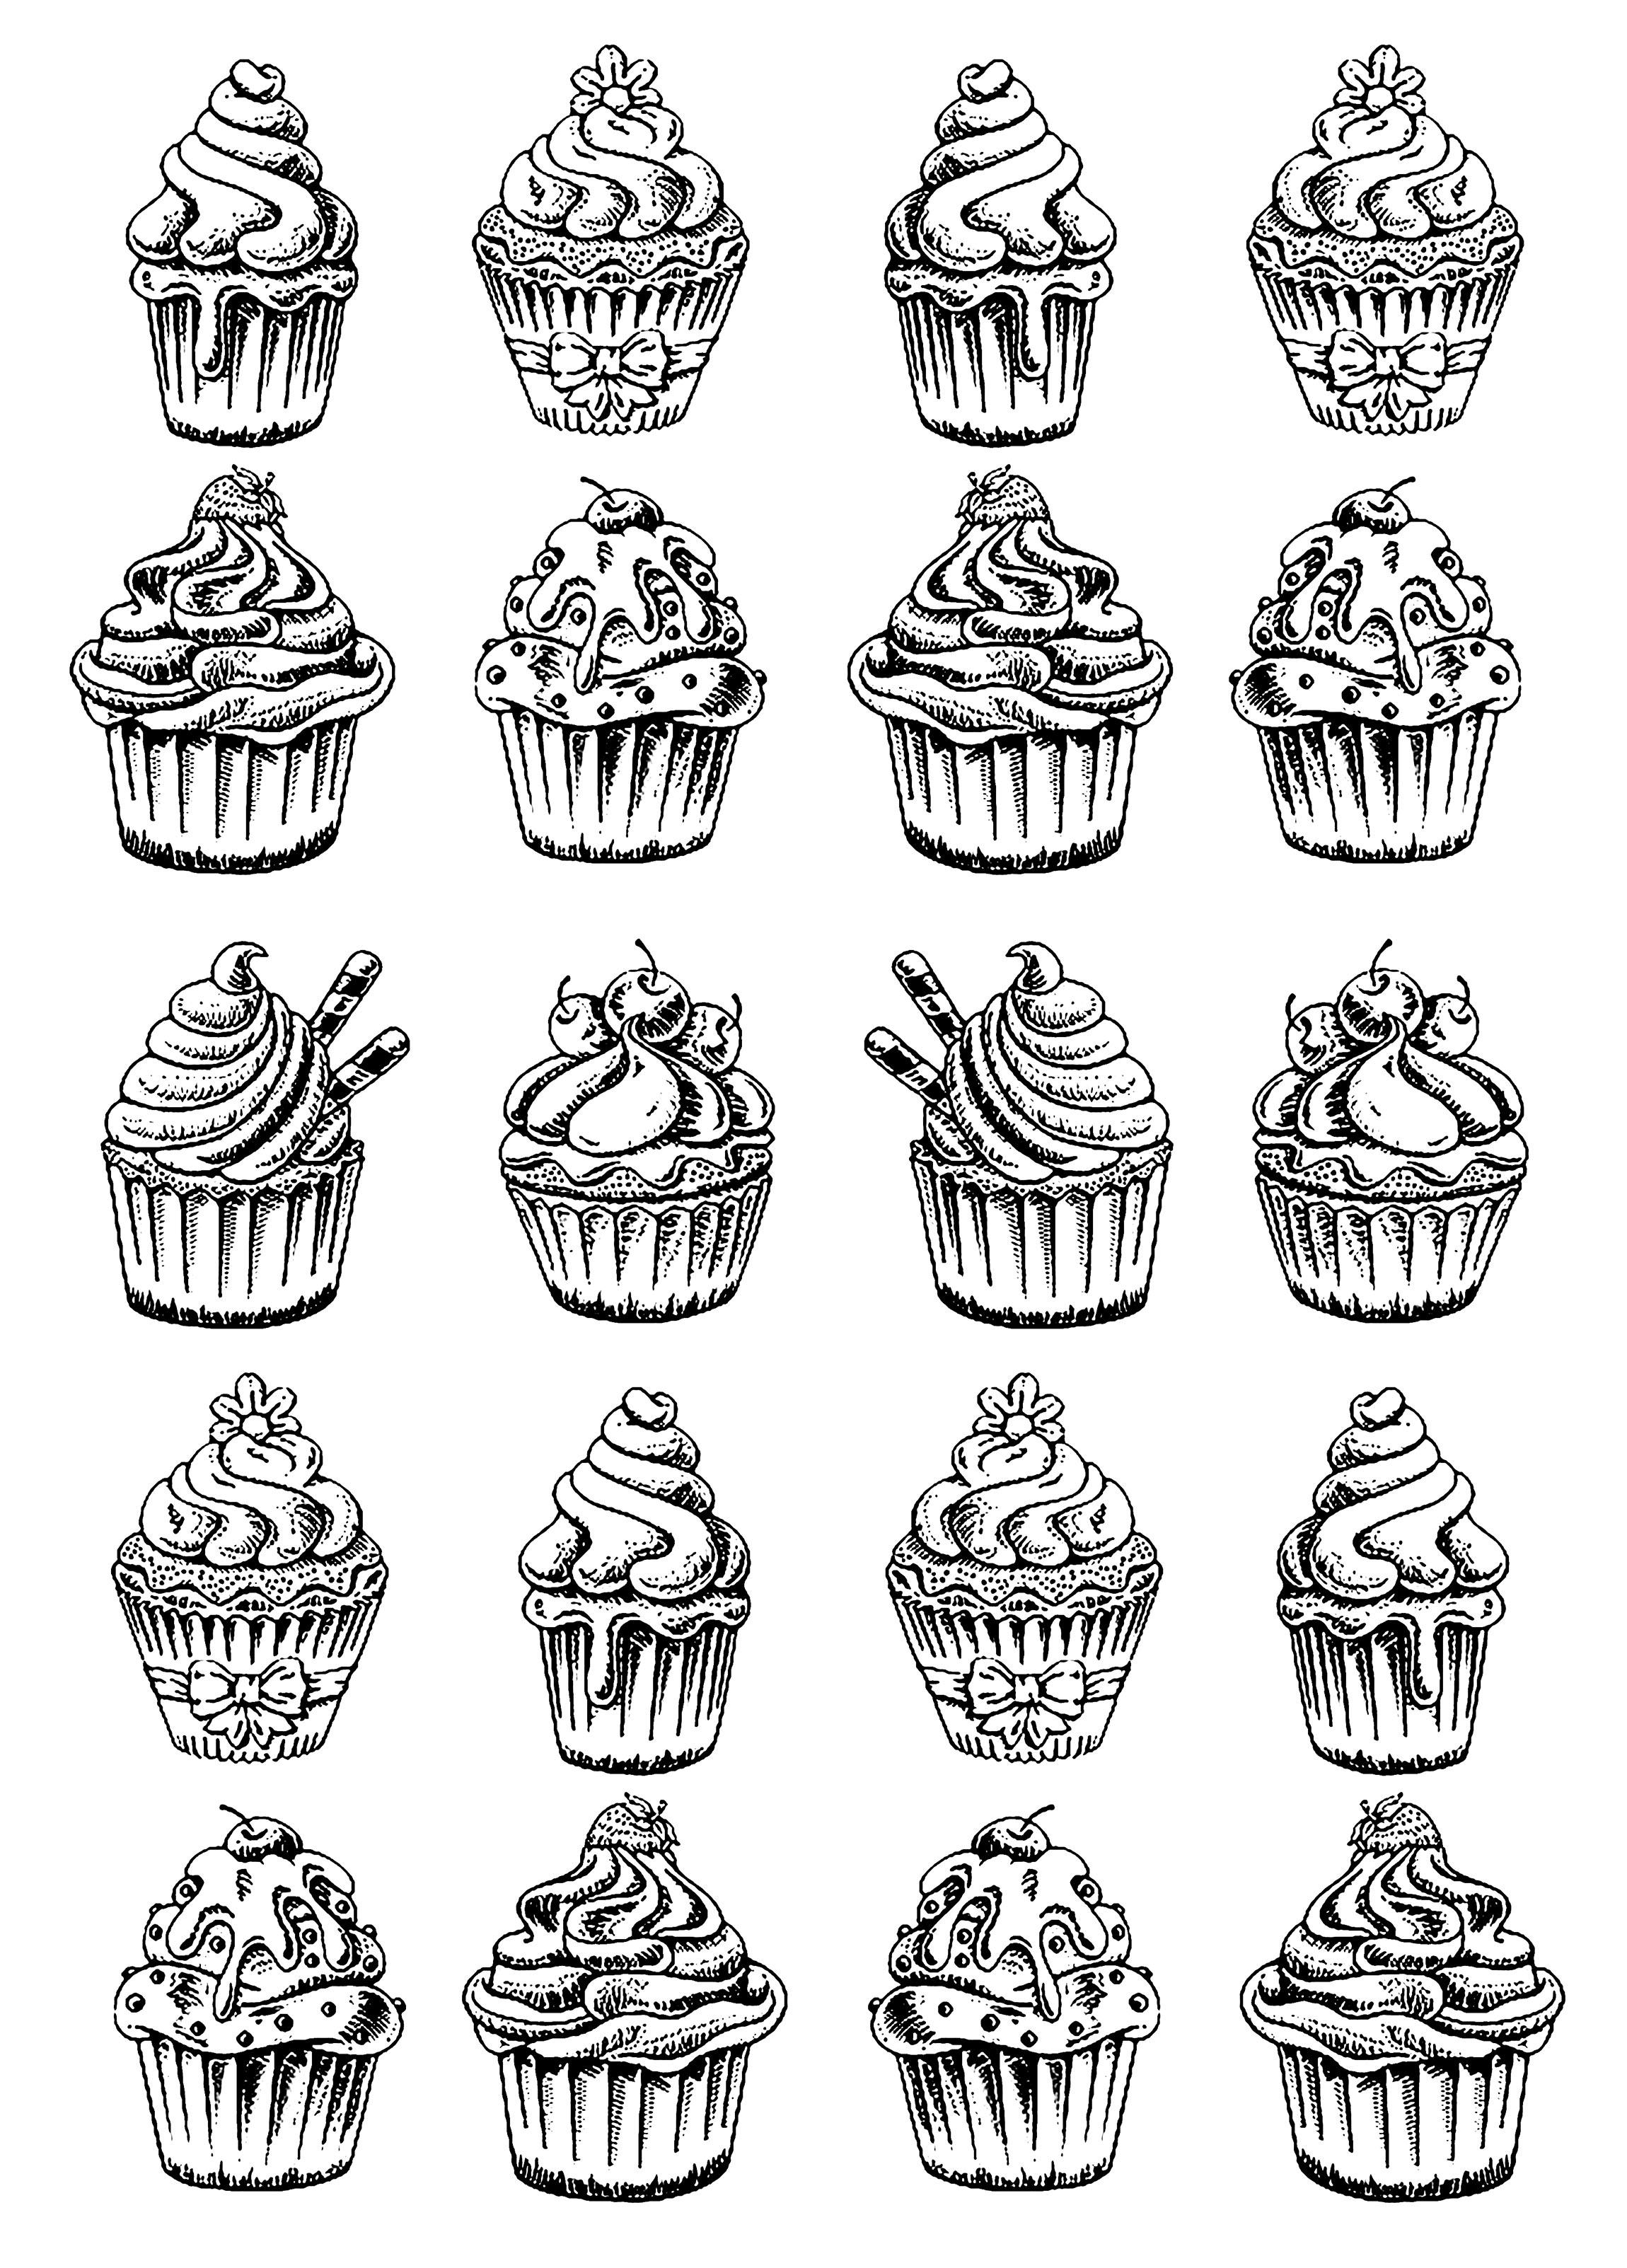 Vingt bons Cupcakes à colorier sans attendre